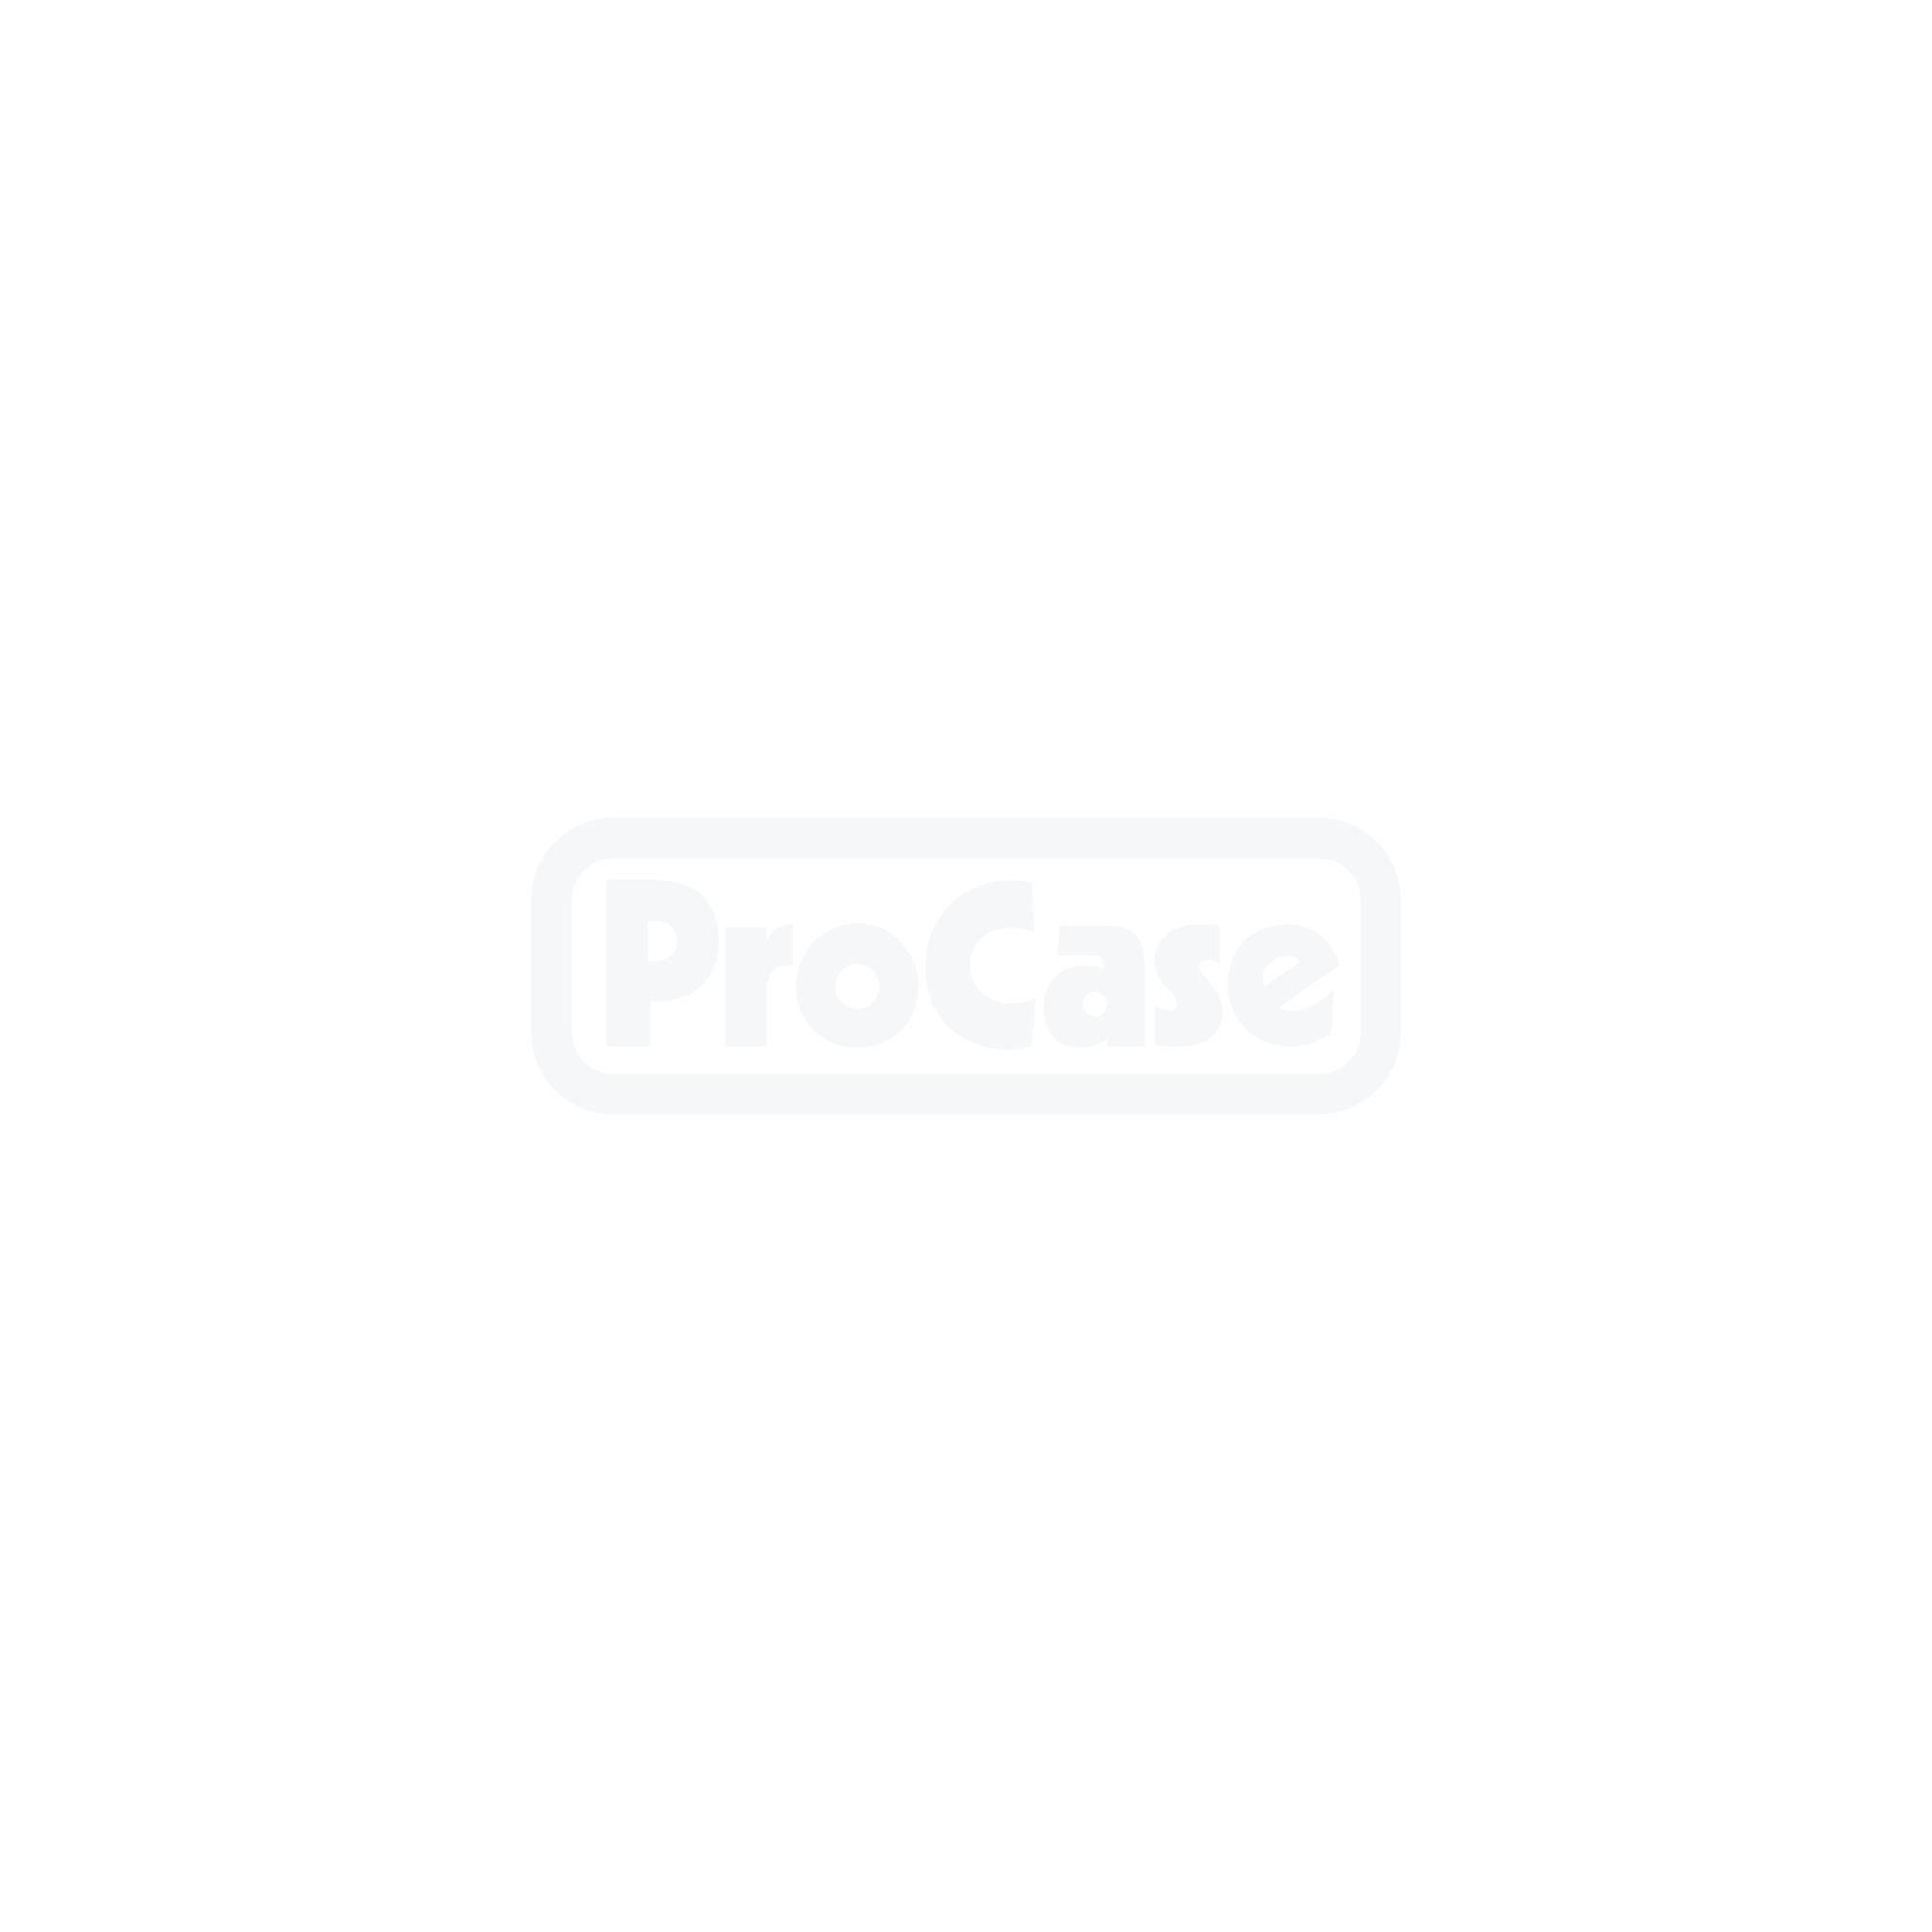 19 Zoll Profi Rack 19HE/Amptiefe Doubledoor mit Topdeckel 4